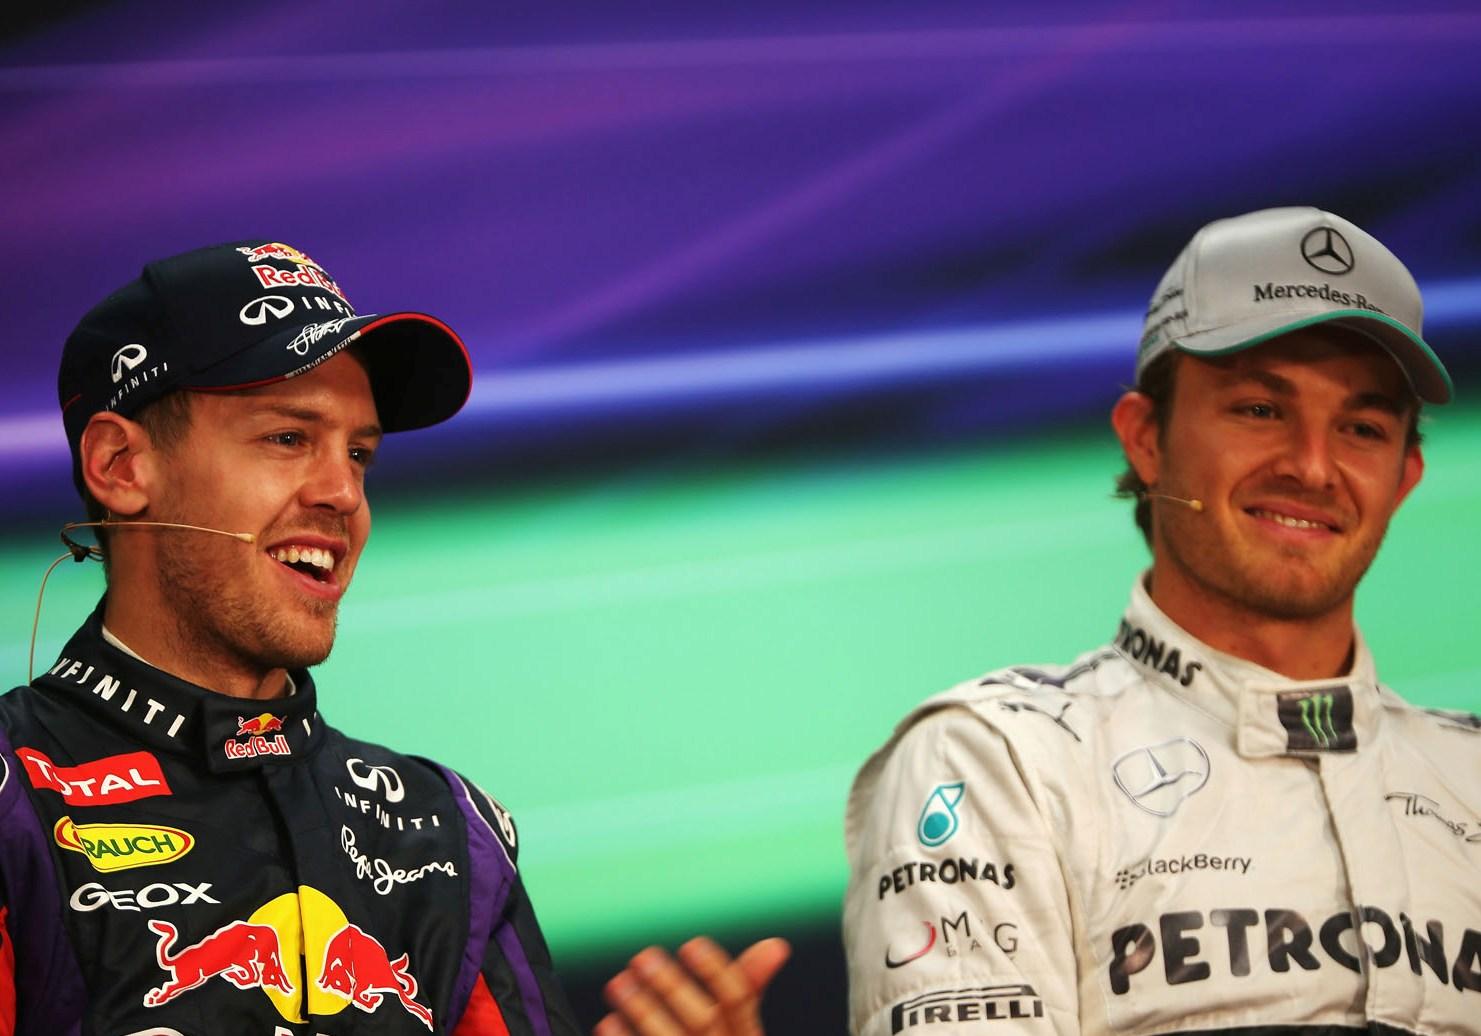 Rosberg: Nismo pridobili prednosti